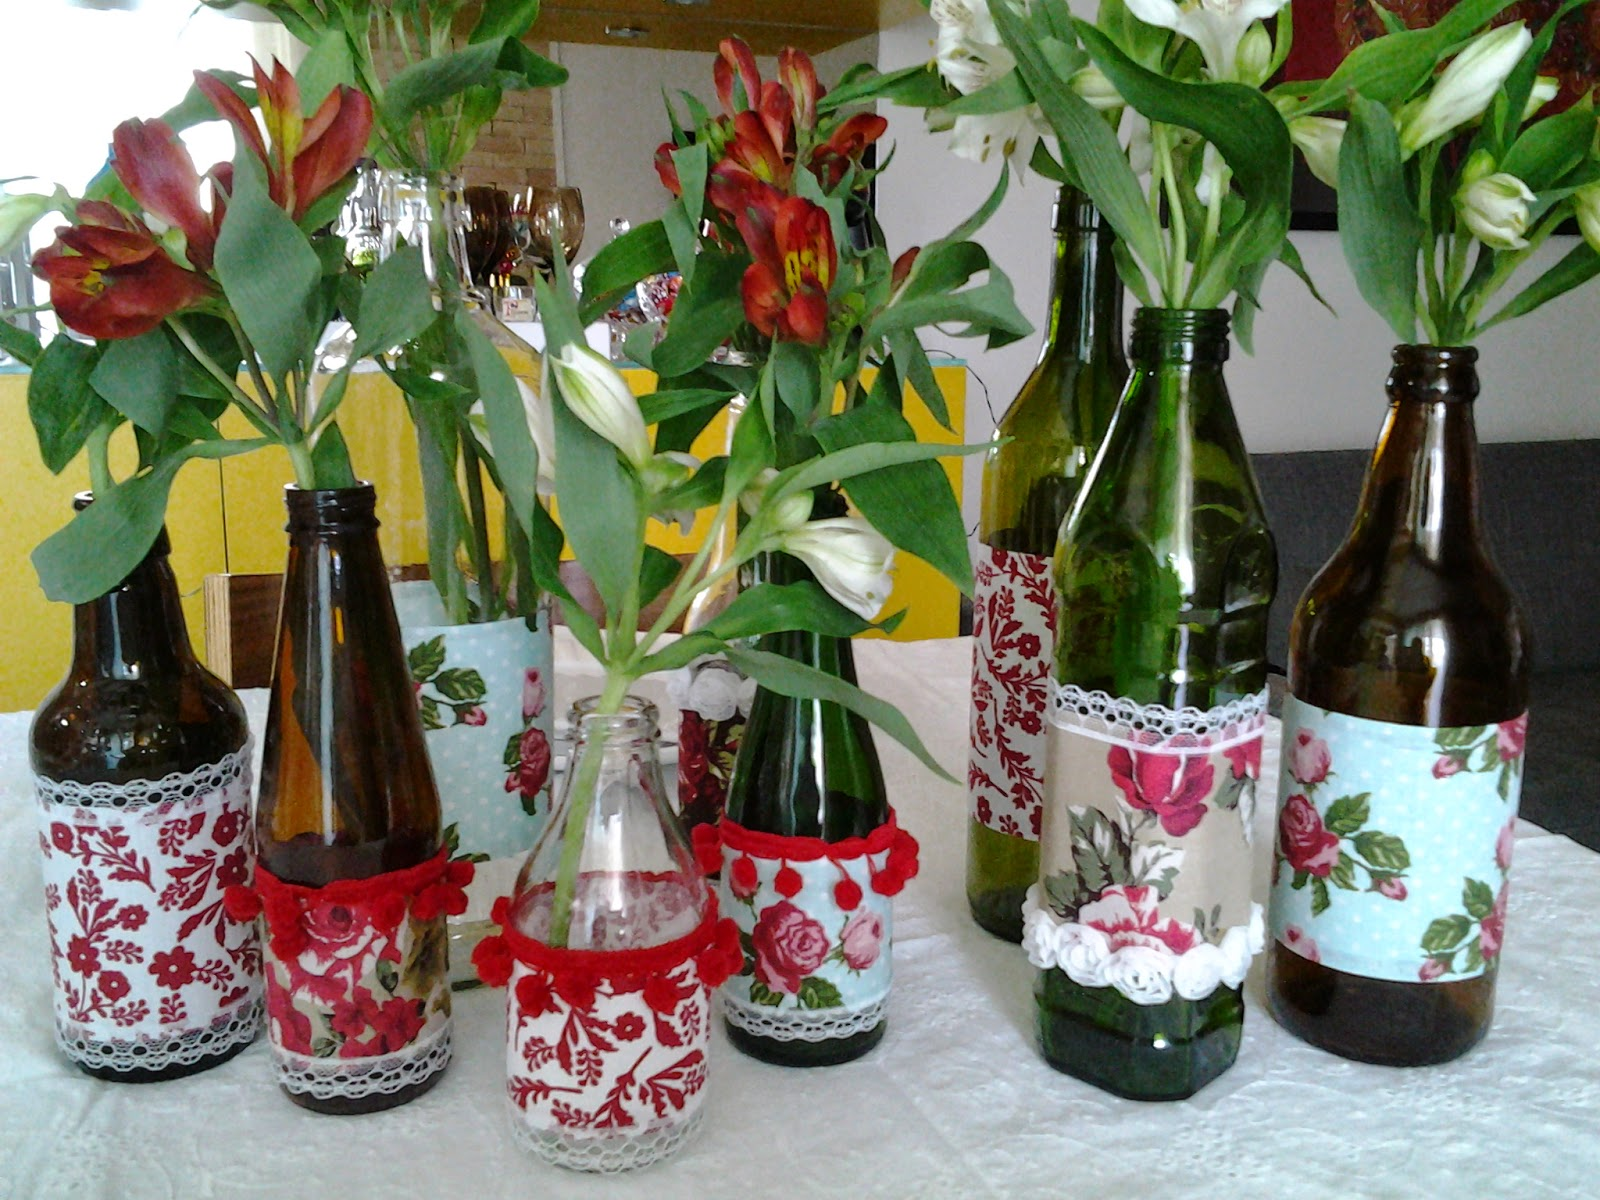 Rosa Pimenta Casório craft com convites e garrafas artesanais!